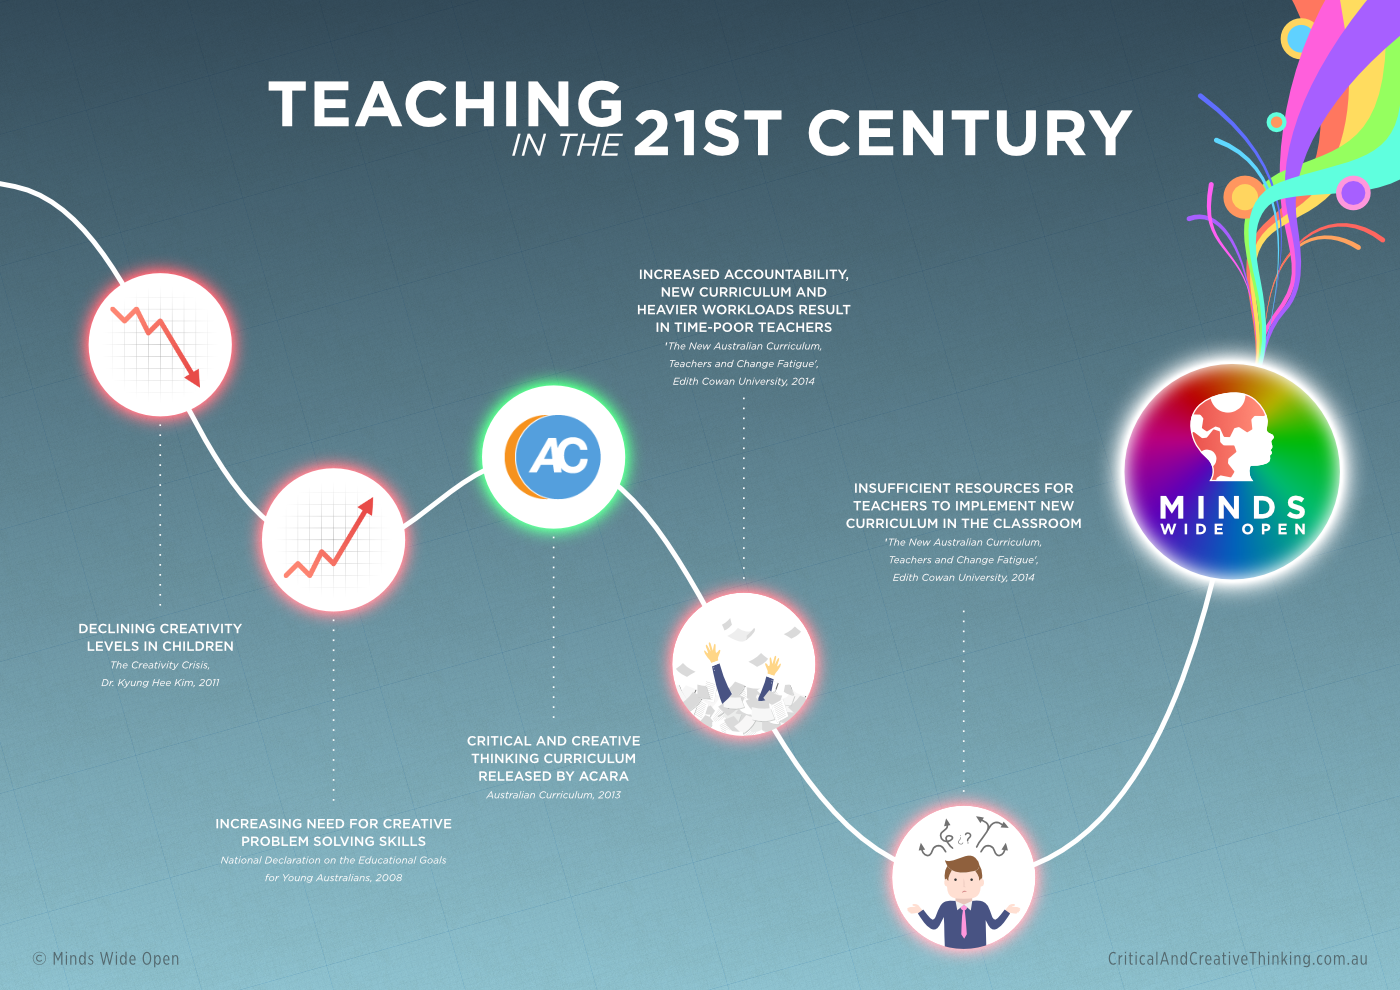 how to 21st century teach